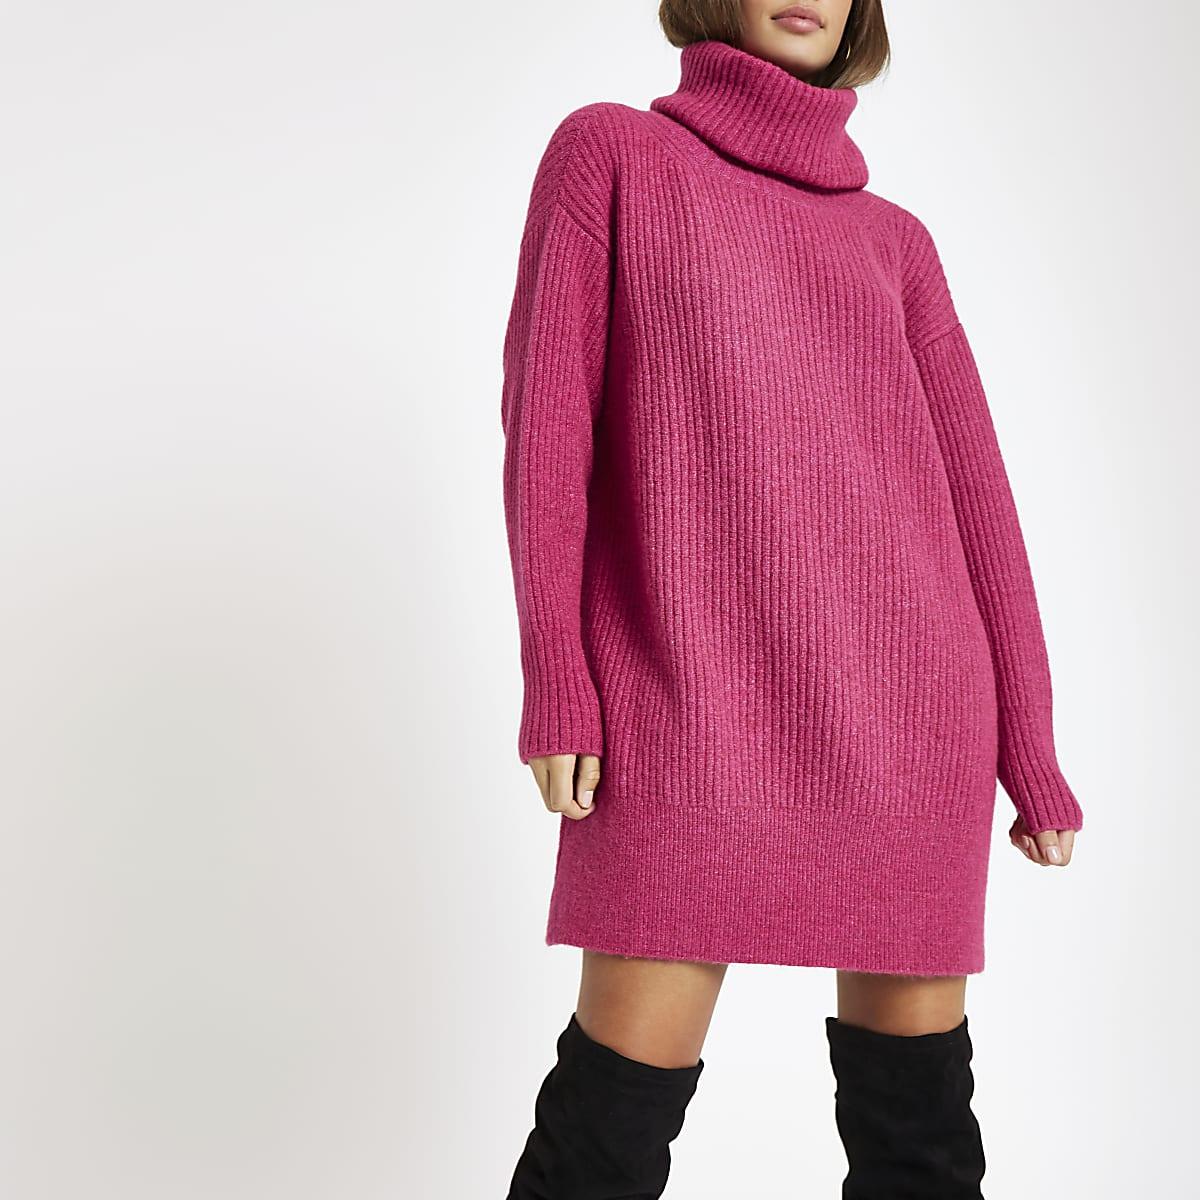 Roze Gebreide Trui.Roze Gebreide Trui Jurk Met Col Pullovers Knitwear Dames